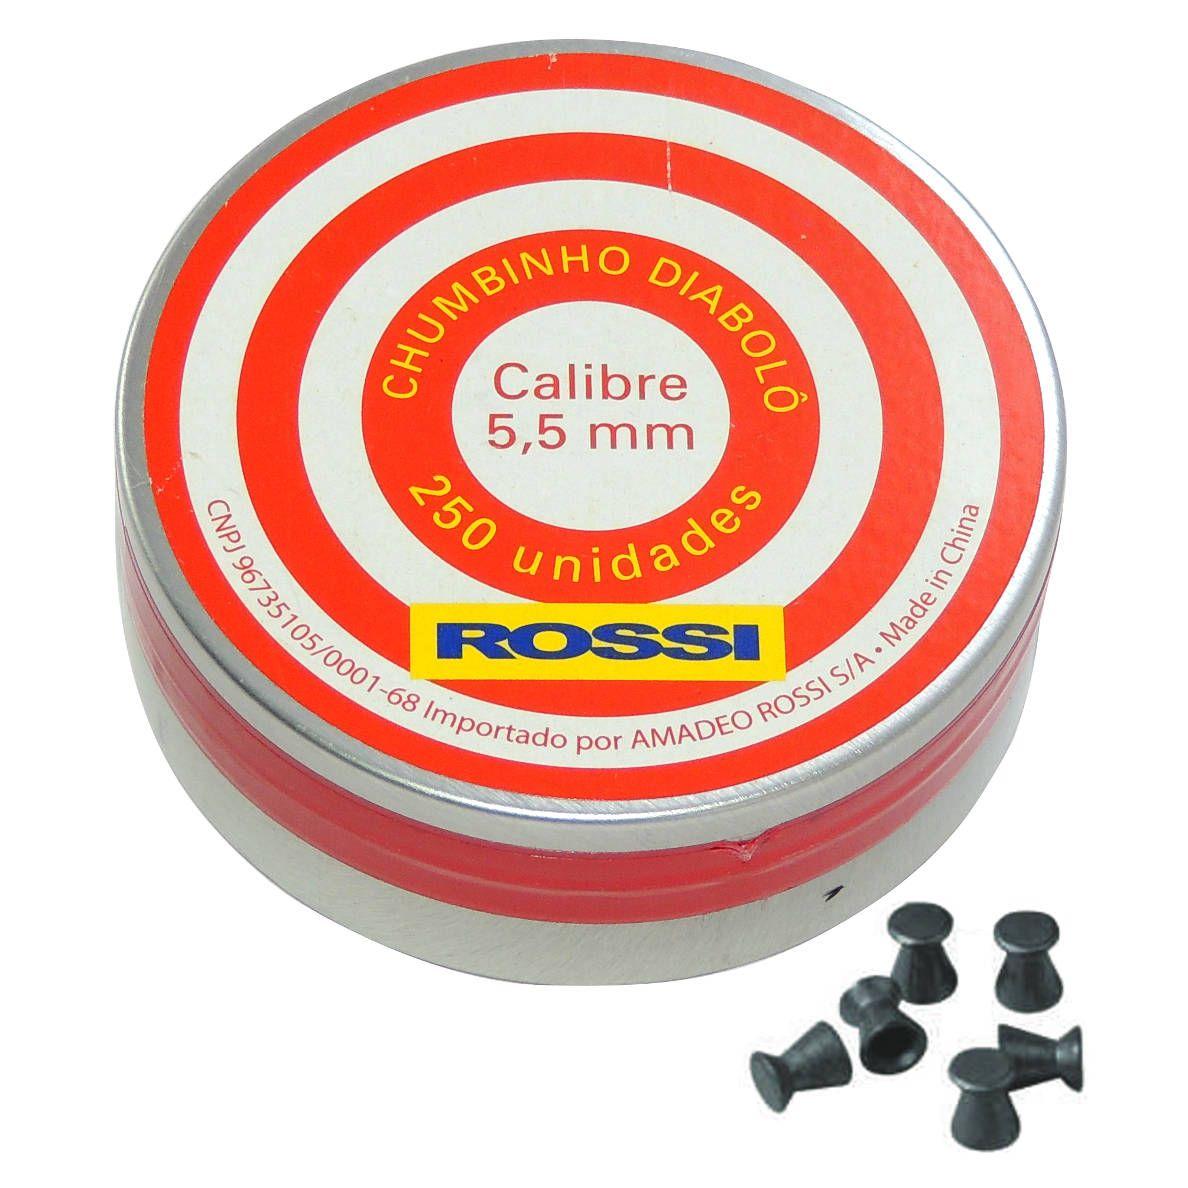 Chumbinho Rossi Diabolô Cal. 5,5mm - 250 unidades